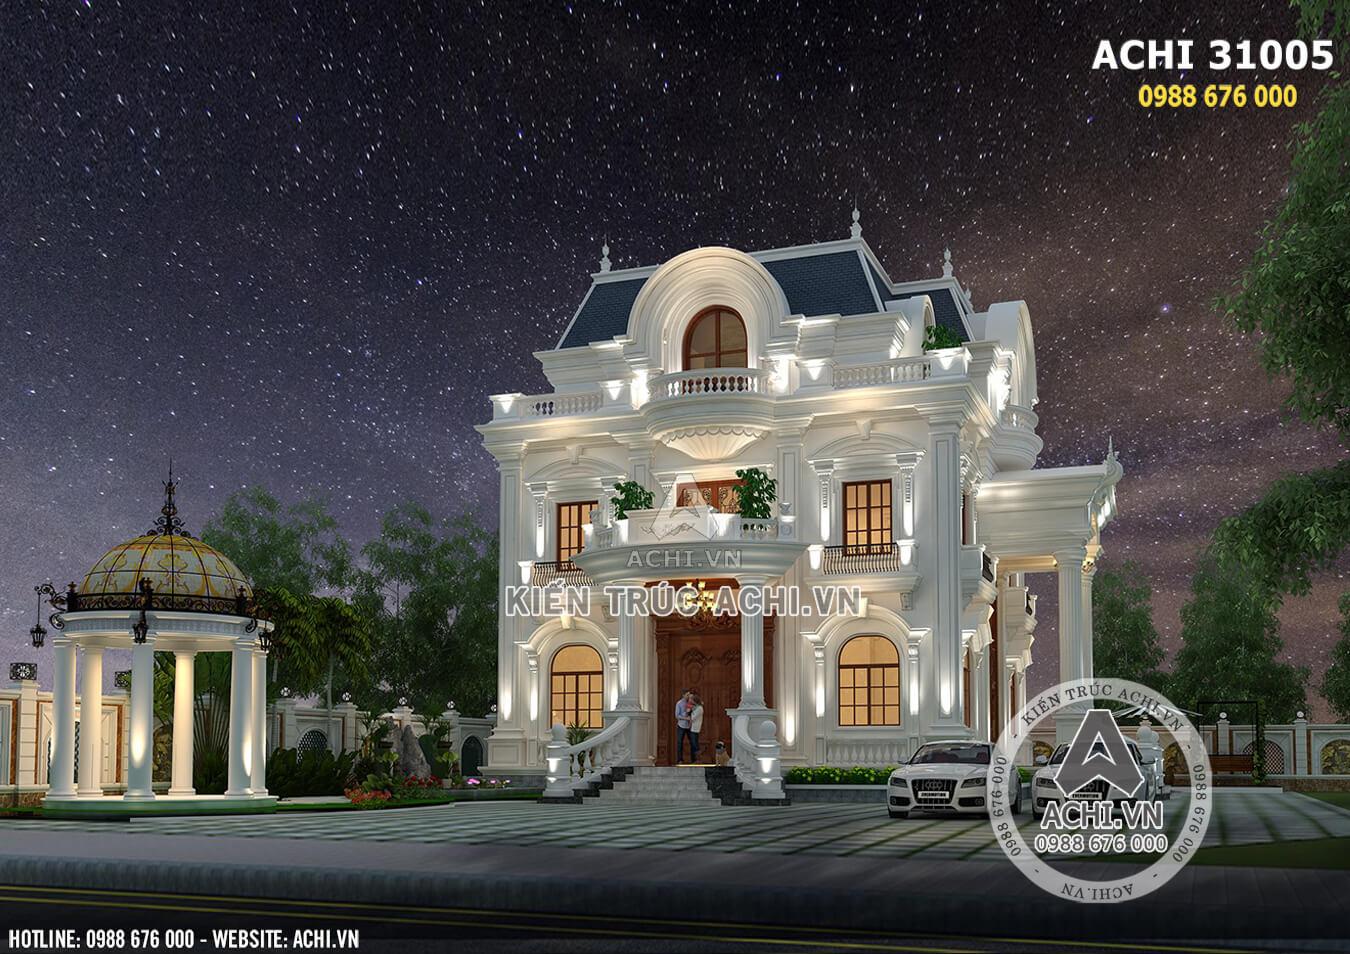 Biệt thự 3 tầng tân cổ điển đẹp lộng lẫy về đêm